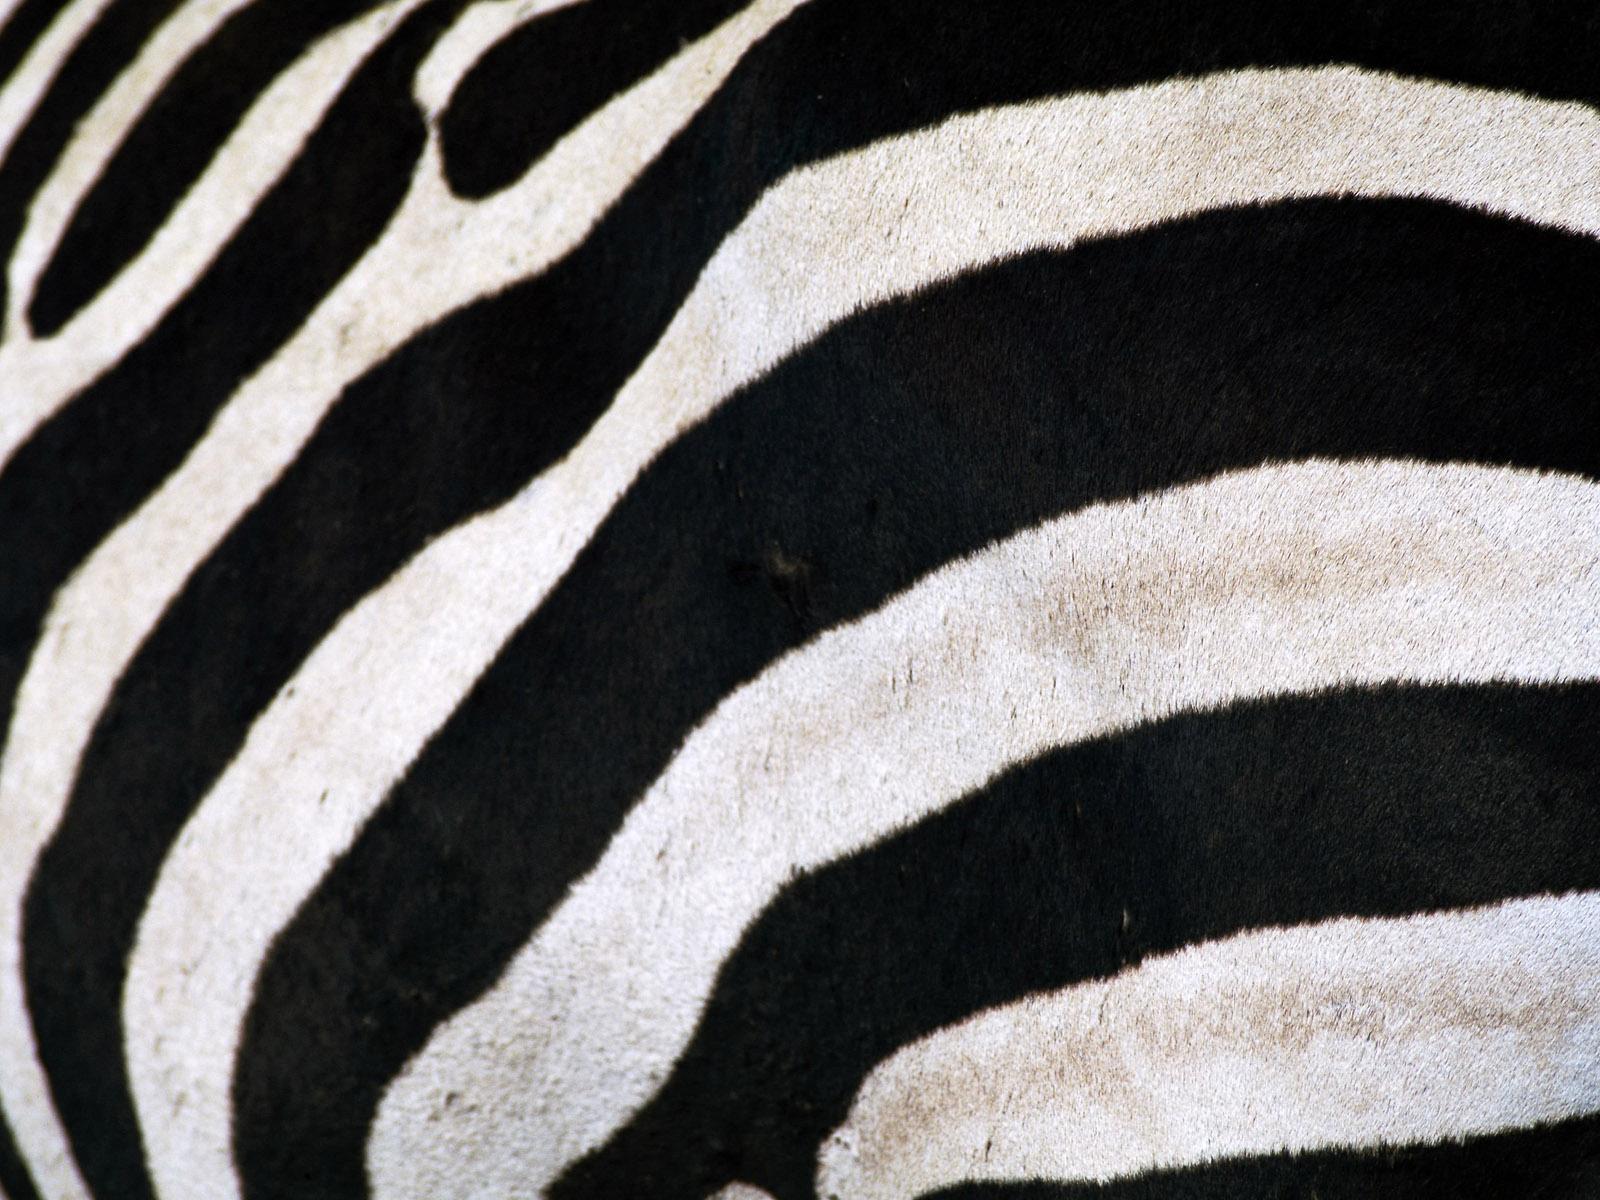 http://3.bp.blogspot.com/_yE5MdOzF31w/TEdIs-laJqI/AAAAAAAAAO0/IUxpQM7cS5U/s1600/Animals+Wallpapers+%2856%29.jpg